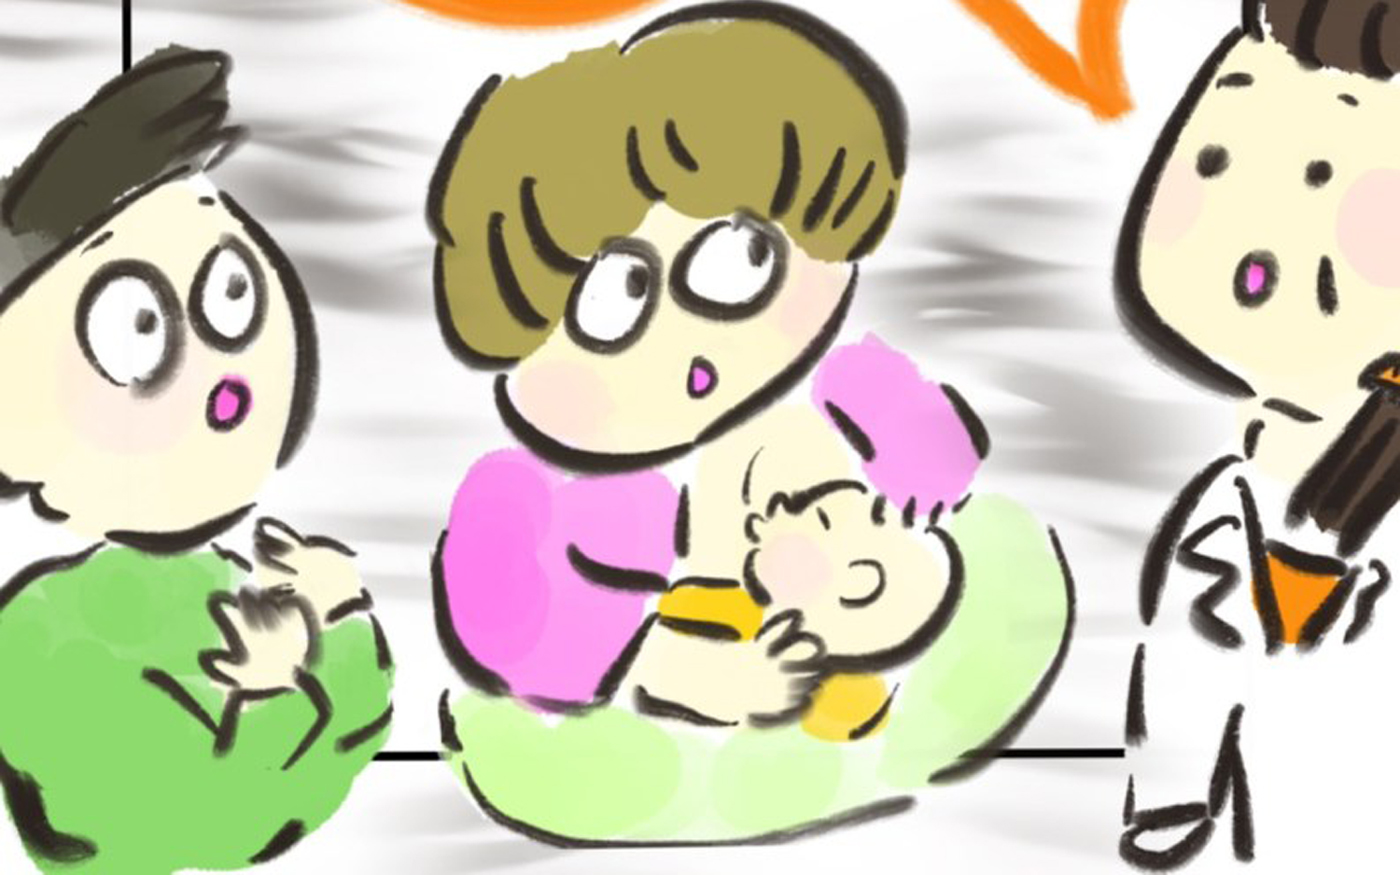 無事に出産した後は…! 子宮頸部高度異形成の手術日が決まる